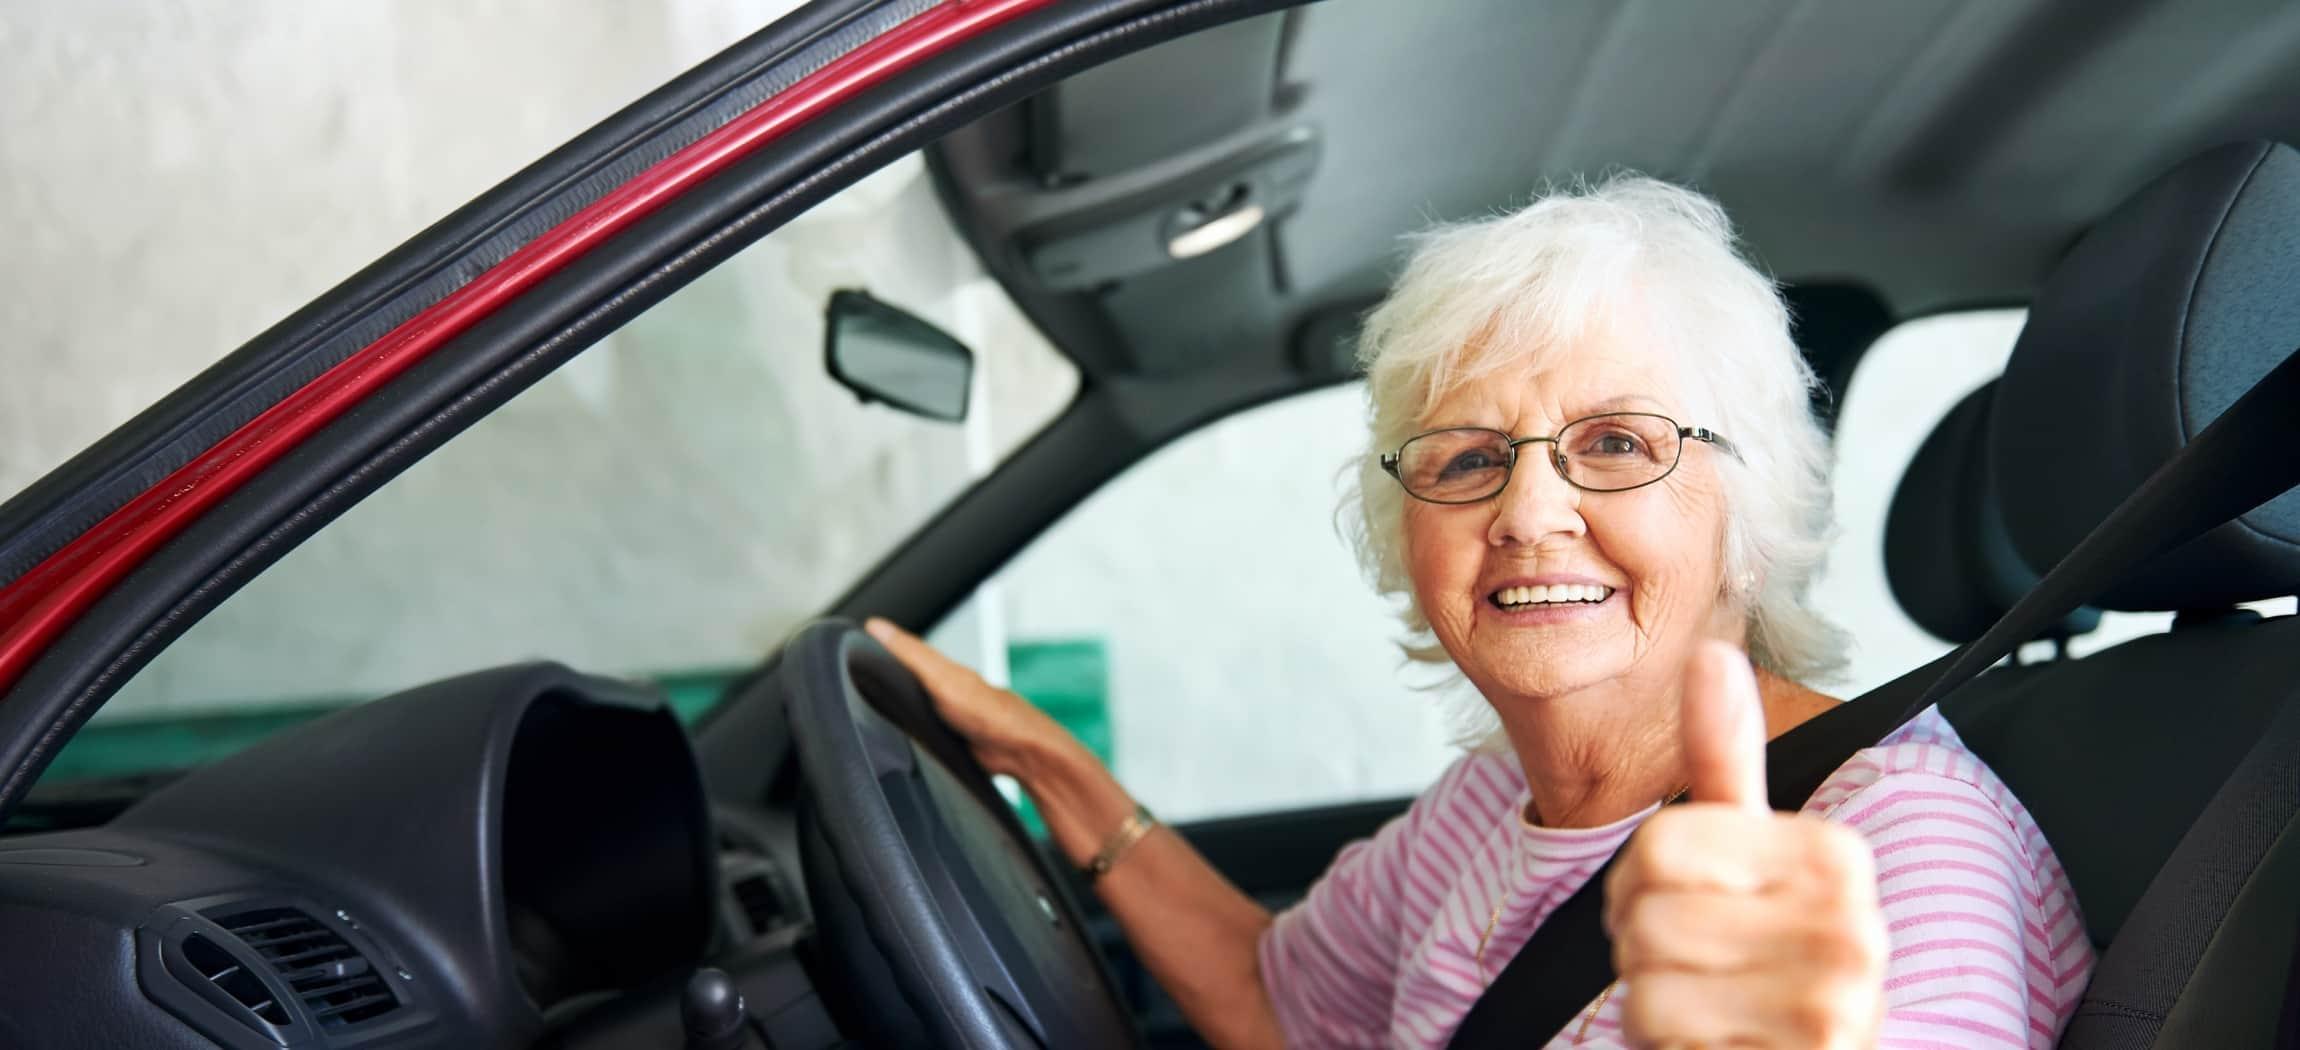 Vrouw grijs haar met bril zit achter het stuur in een auto met duim omhoog